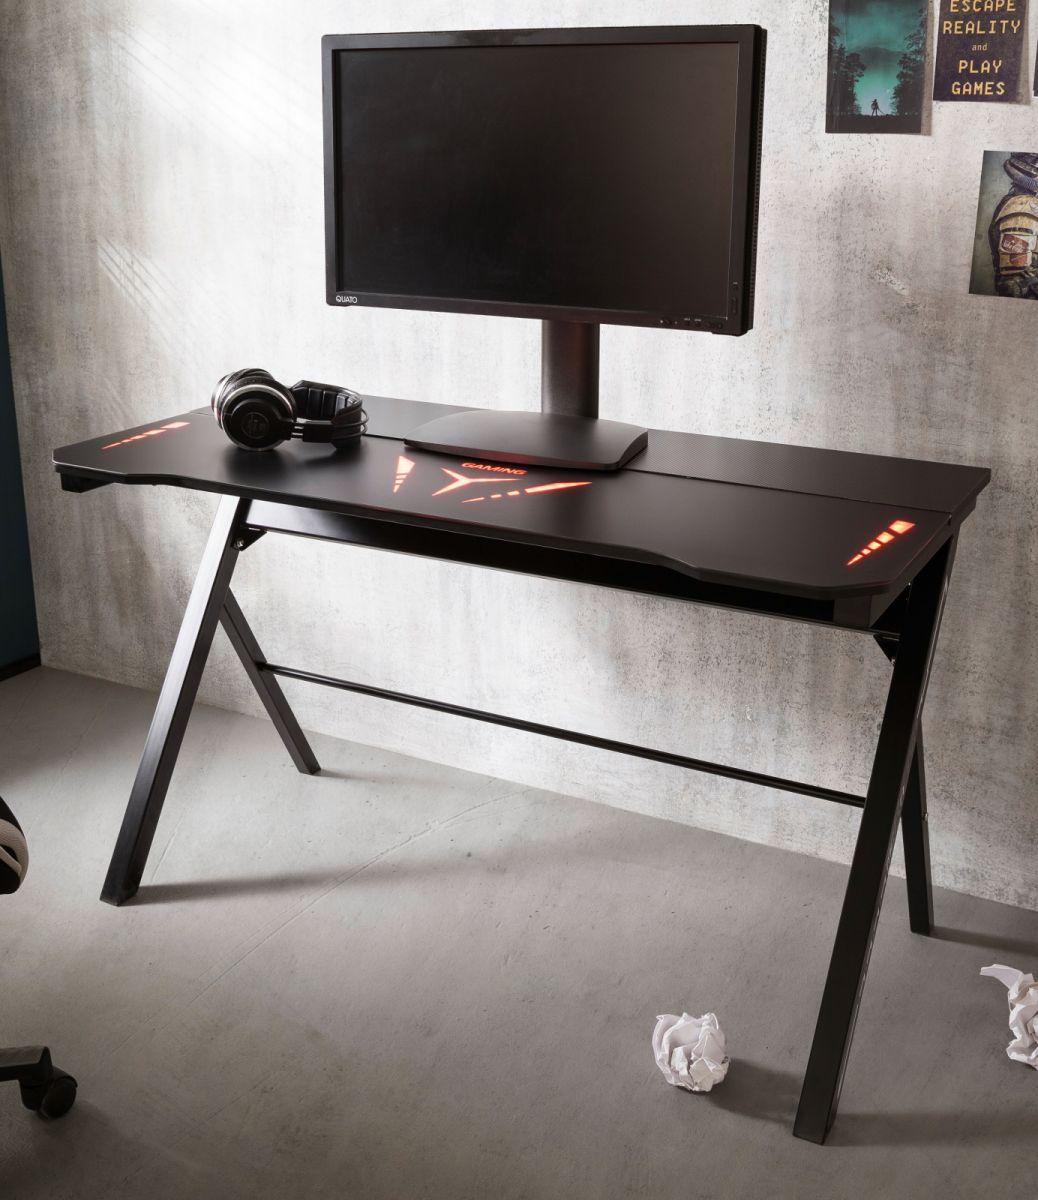 Gamingtisch mcRacing in schwarz mit LED Farbwechsel 120 cm